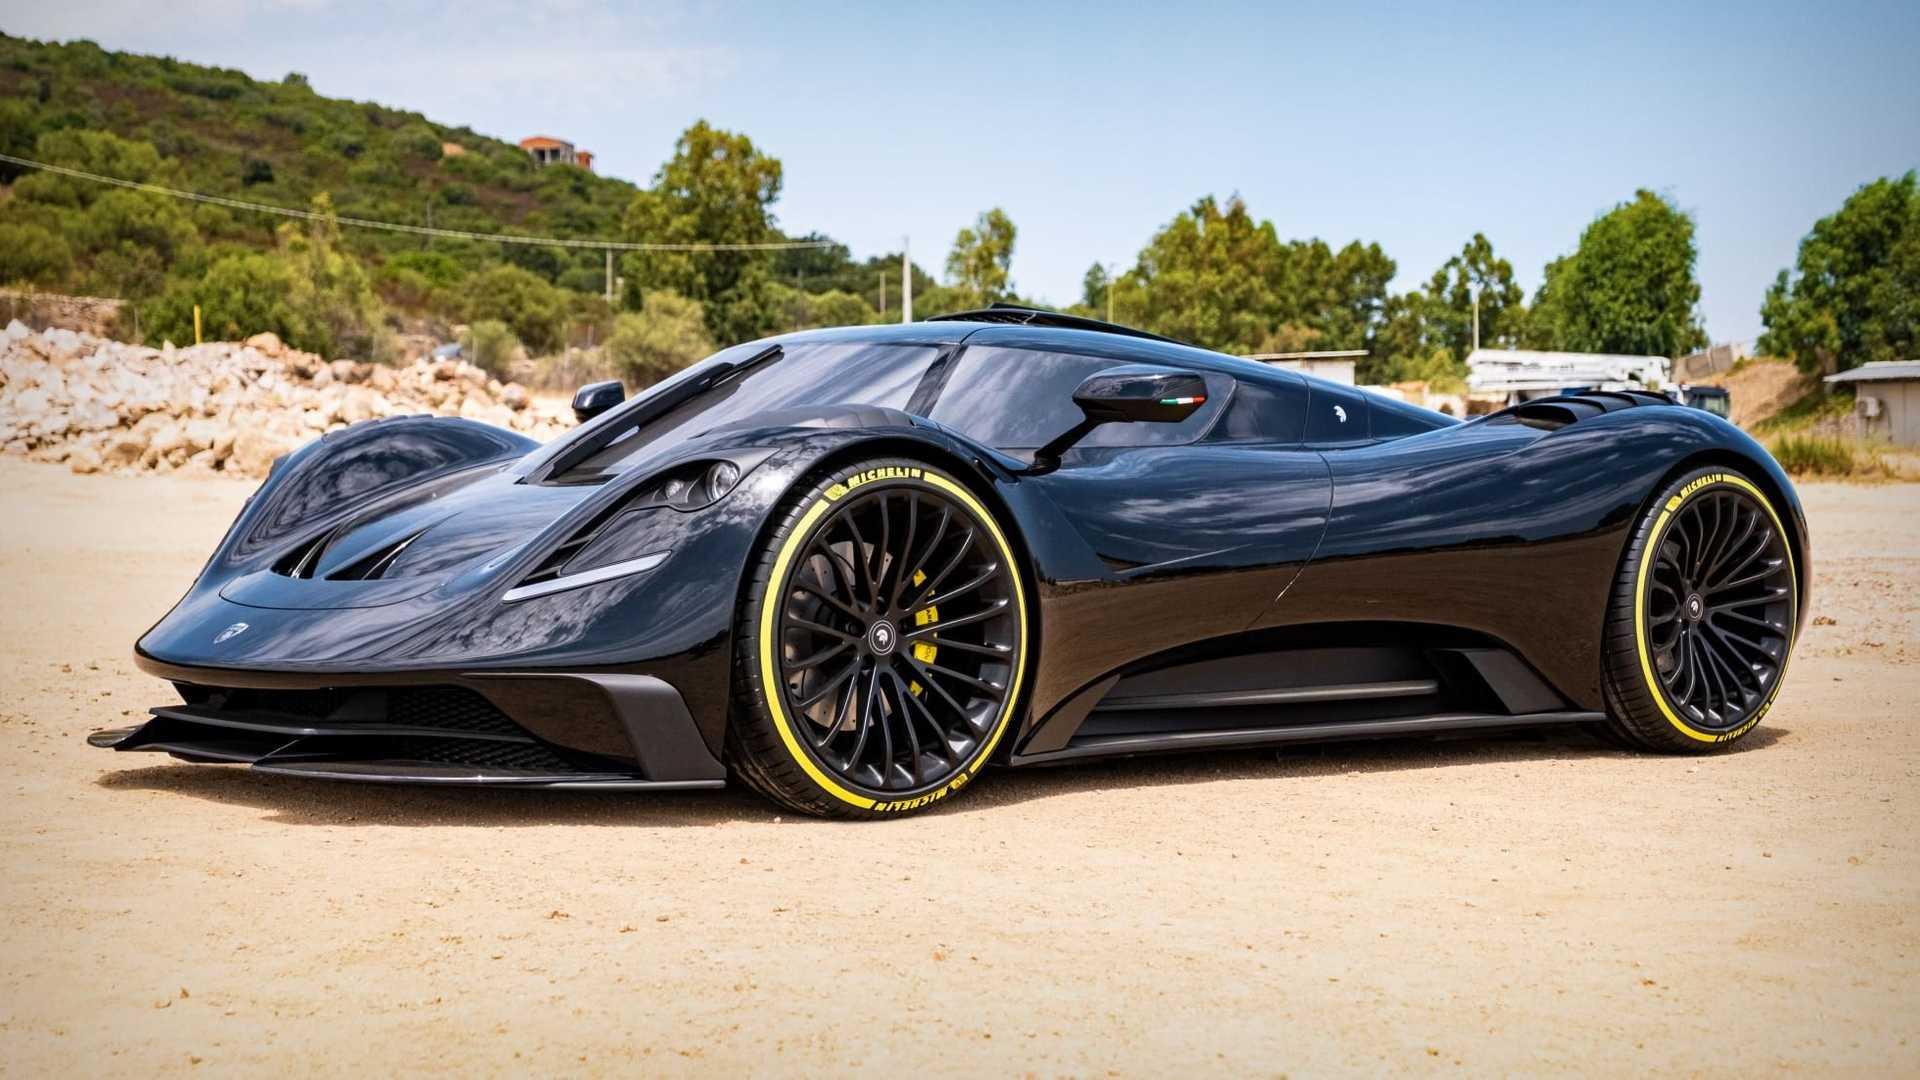 У ателье Ares Design новый суперкар — Corvette в уникальном кузове с 705-сильным атмосферником